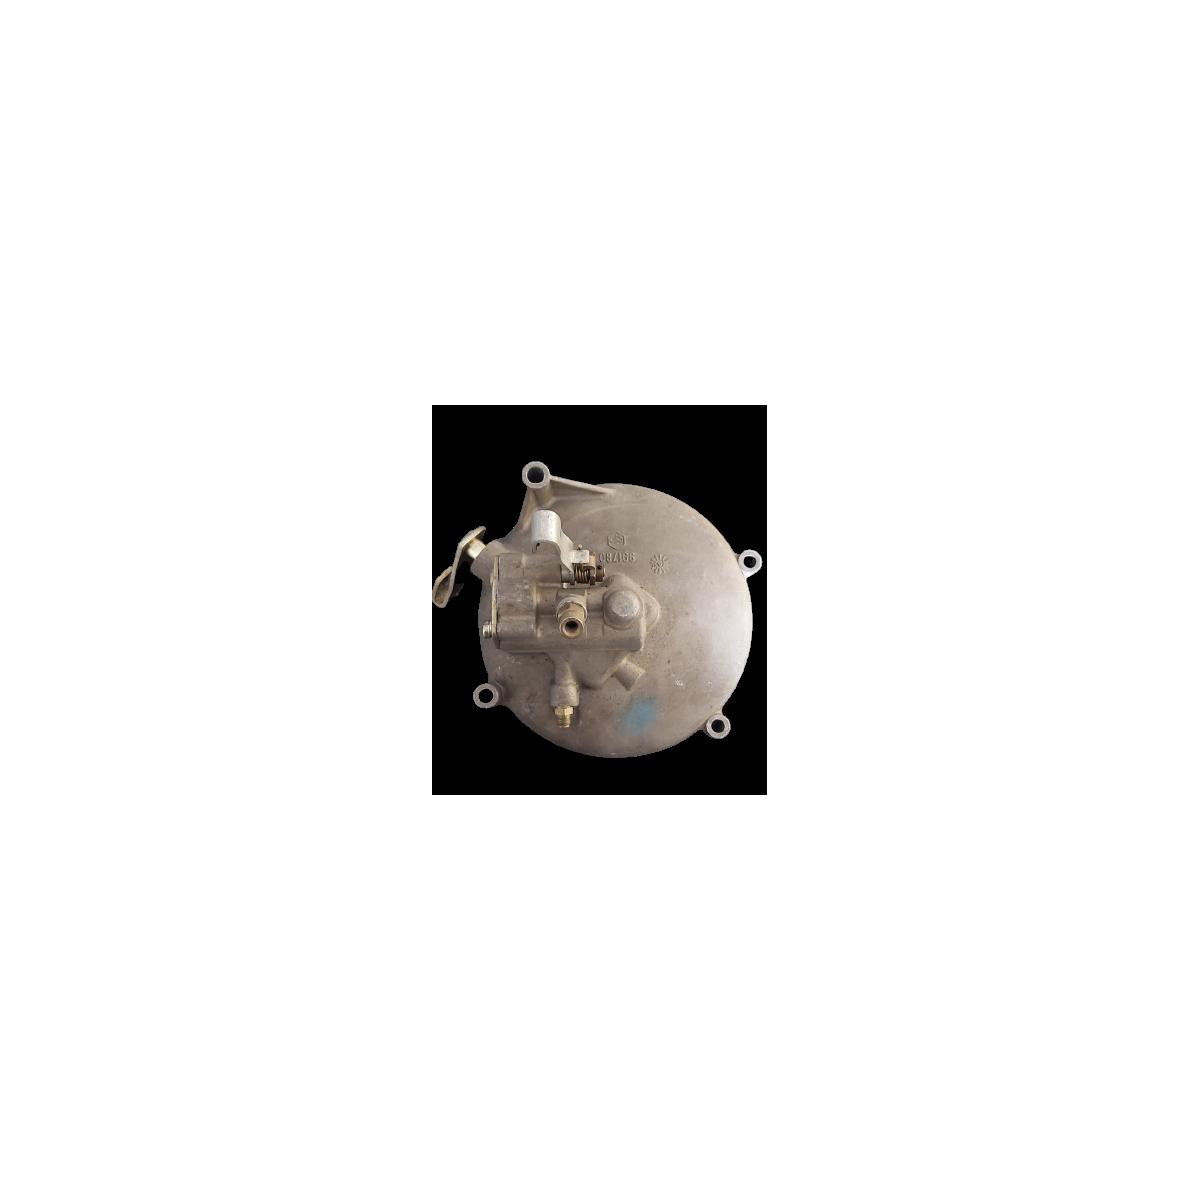 991780 CARTER coperchio frizione Ape 703 Nuovo Originale Piaggio